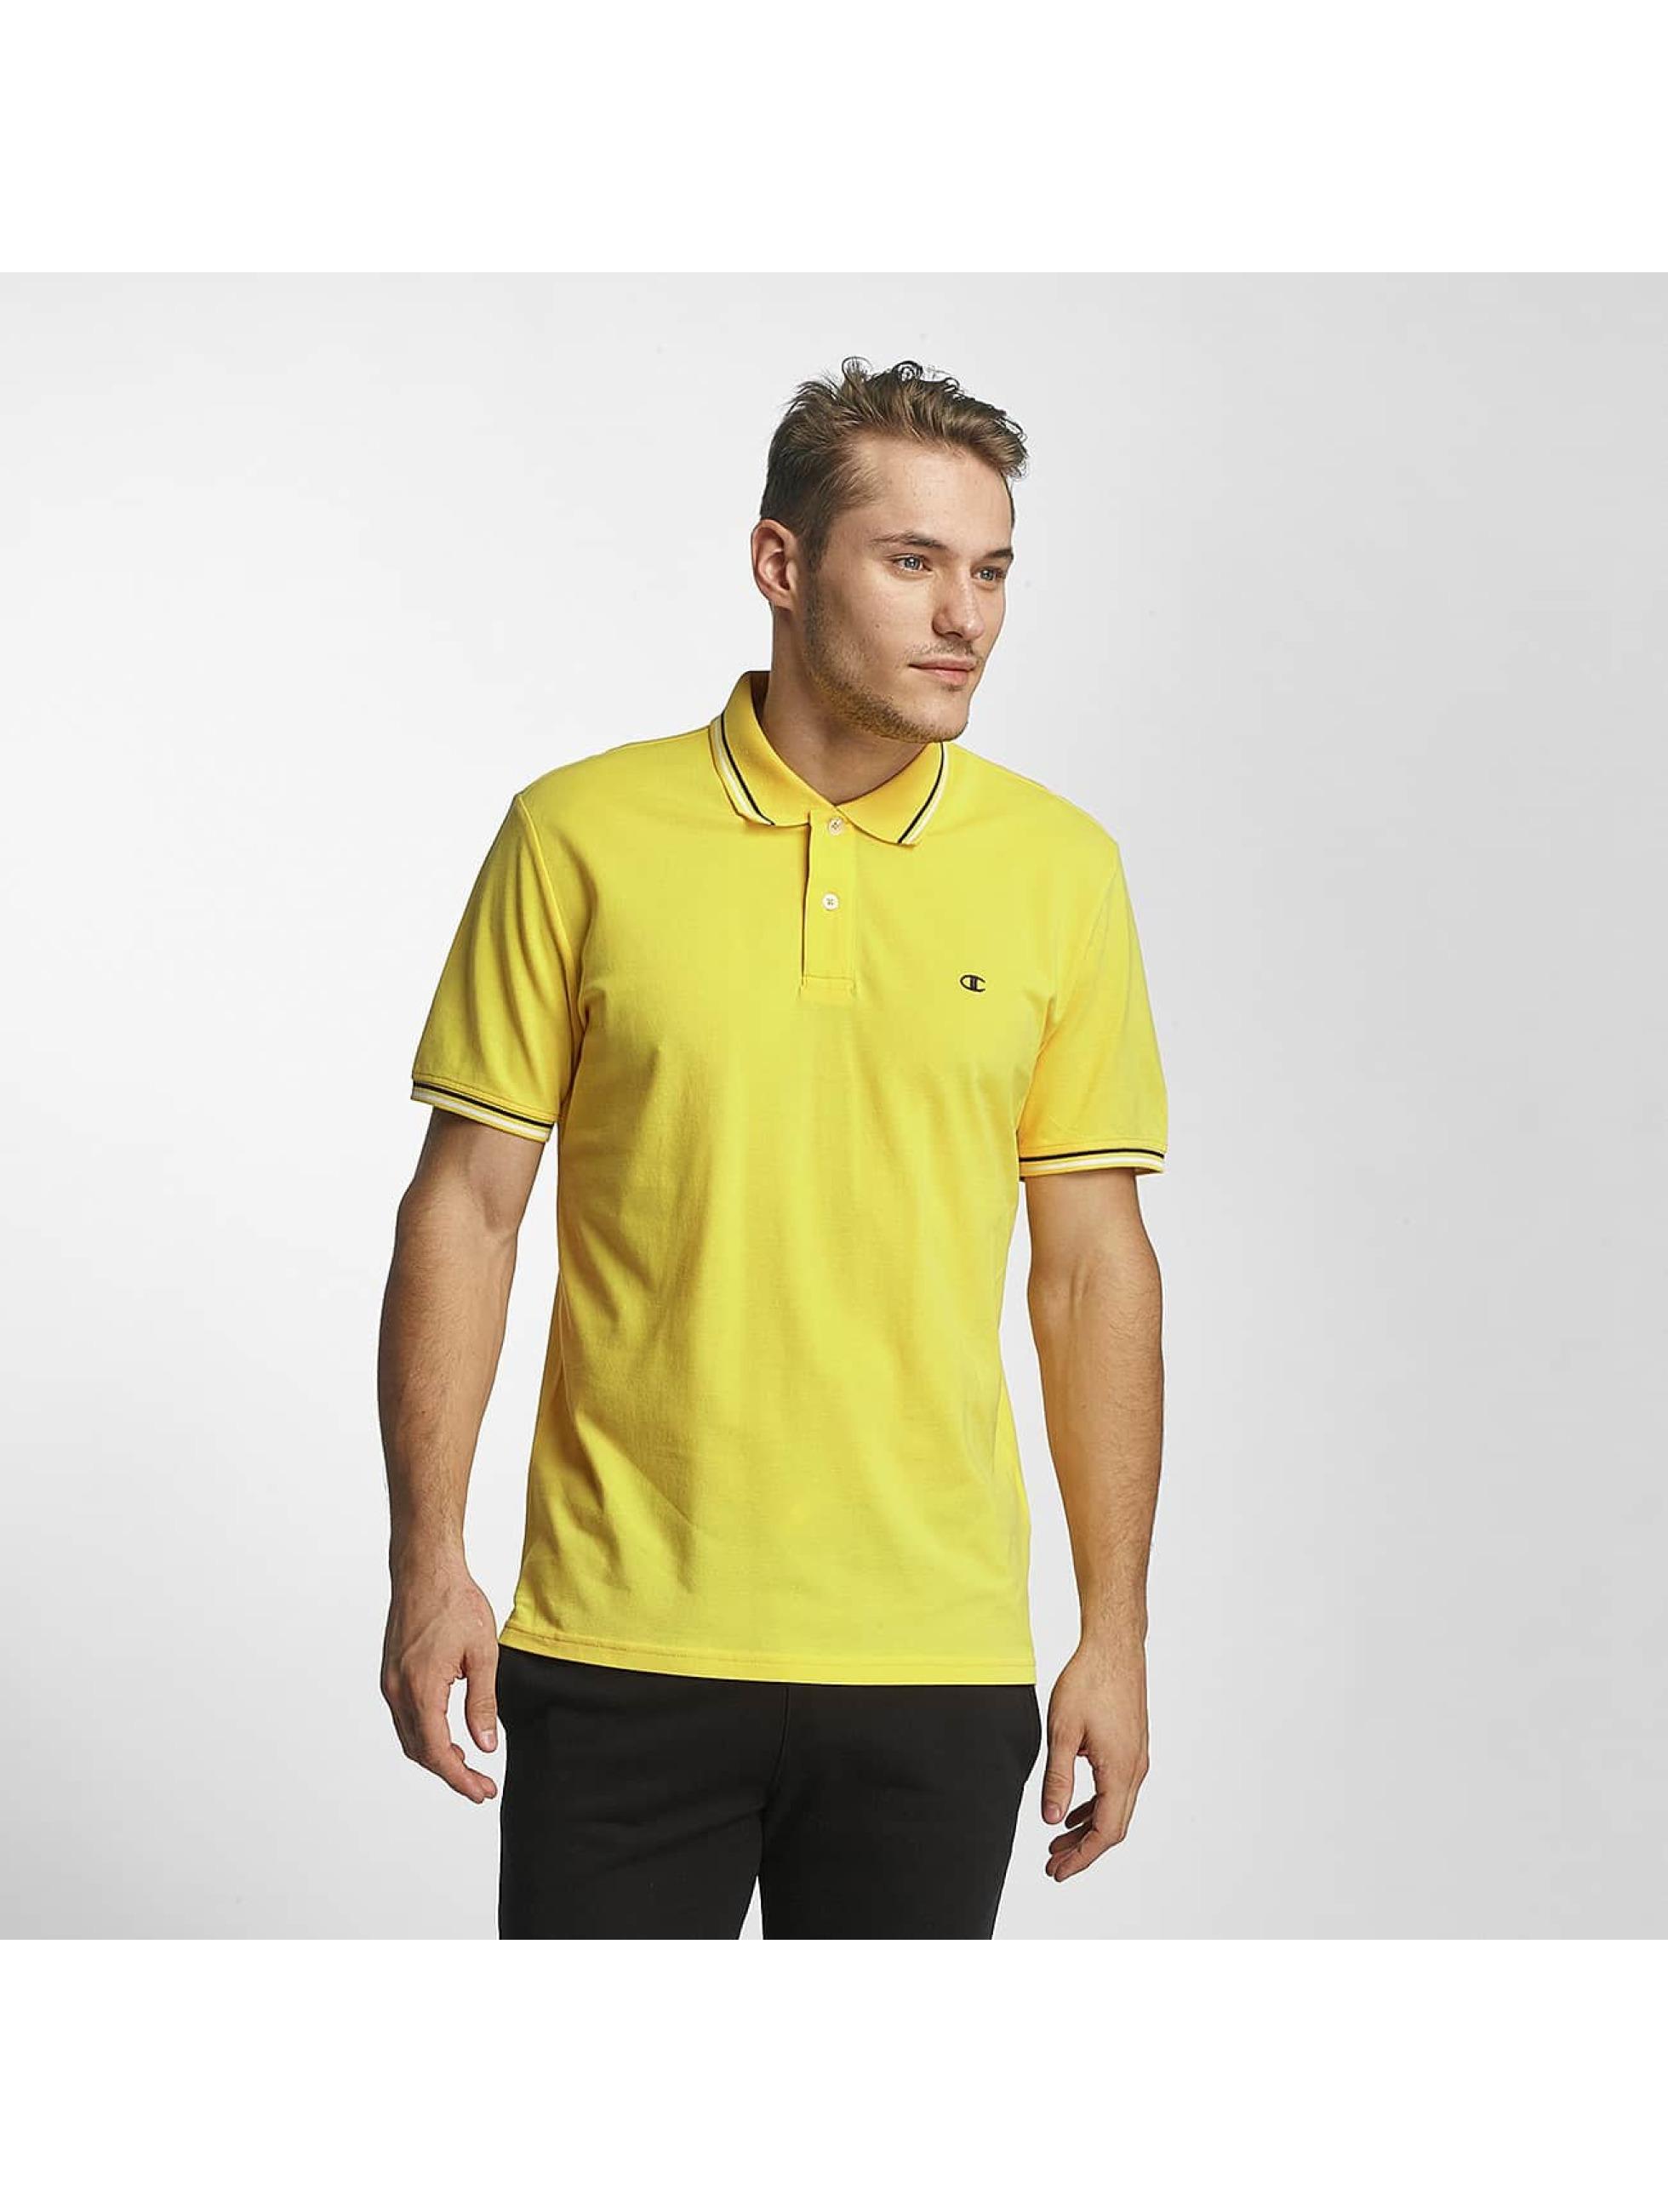 Champion Athletics Poloshirt Metropolitan yellow